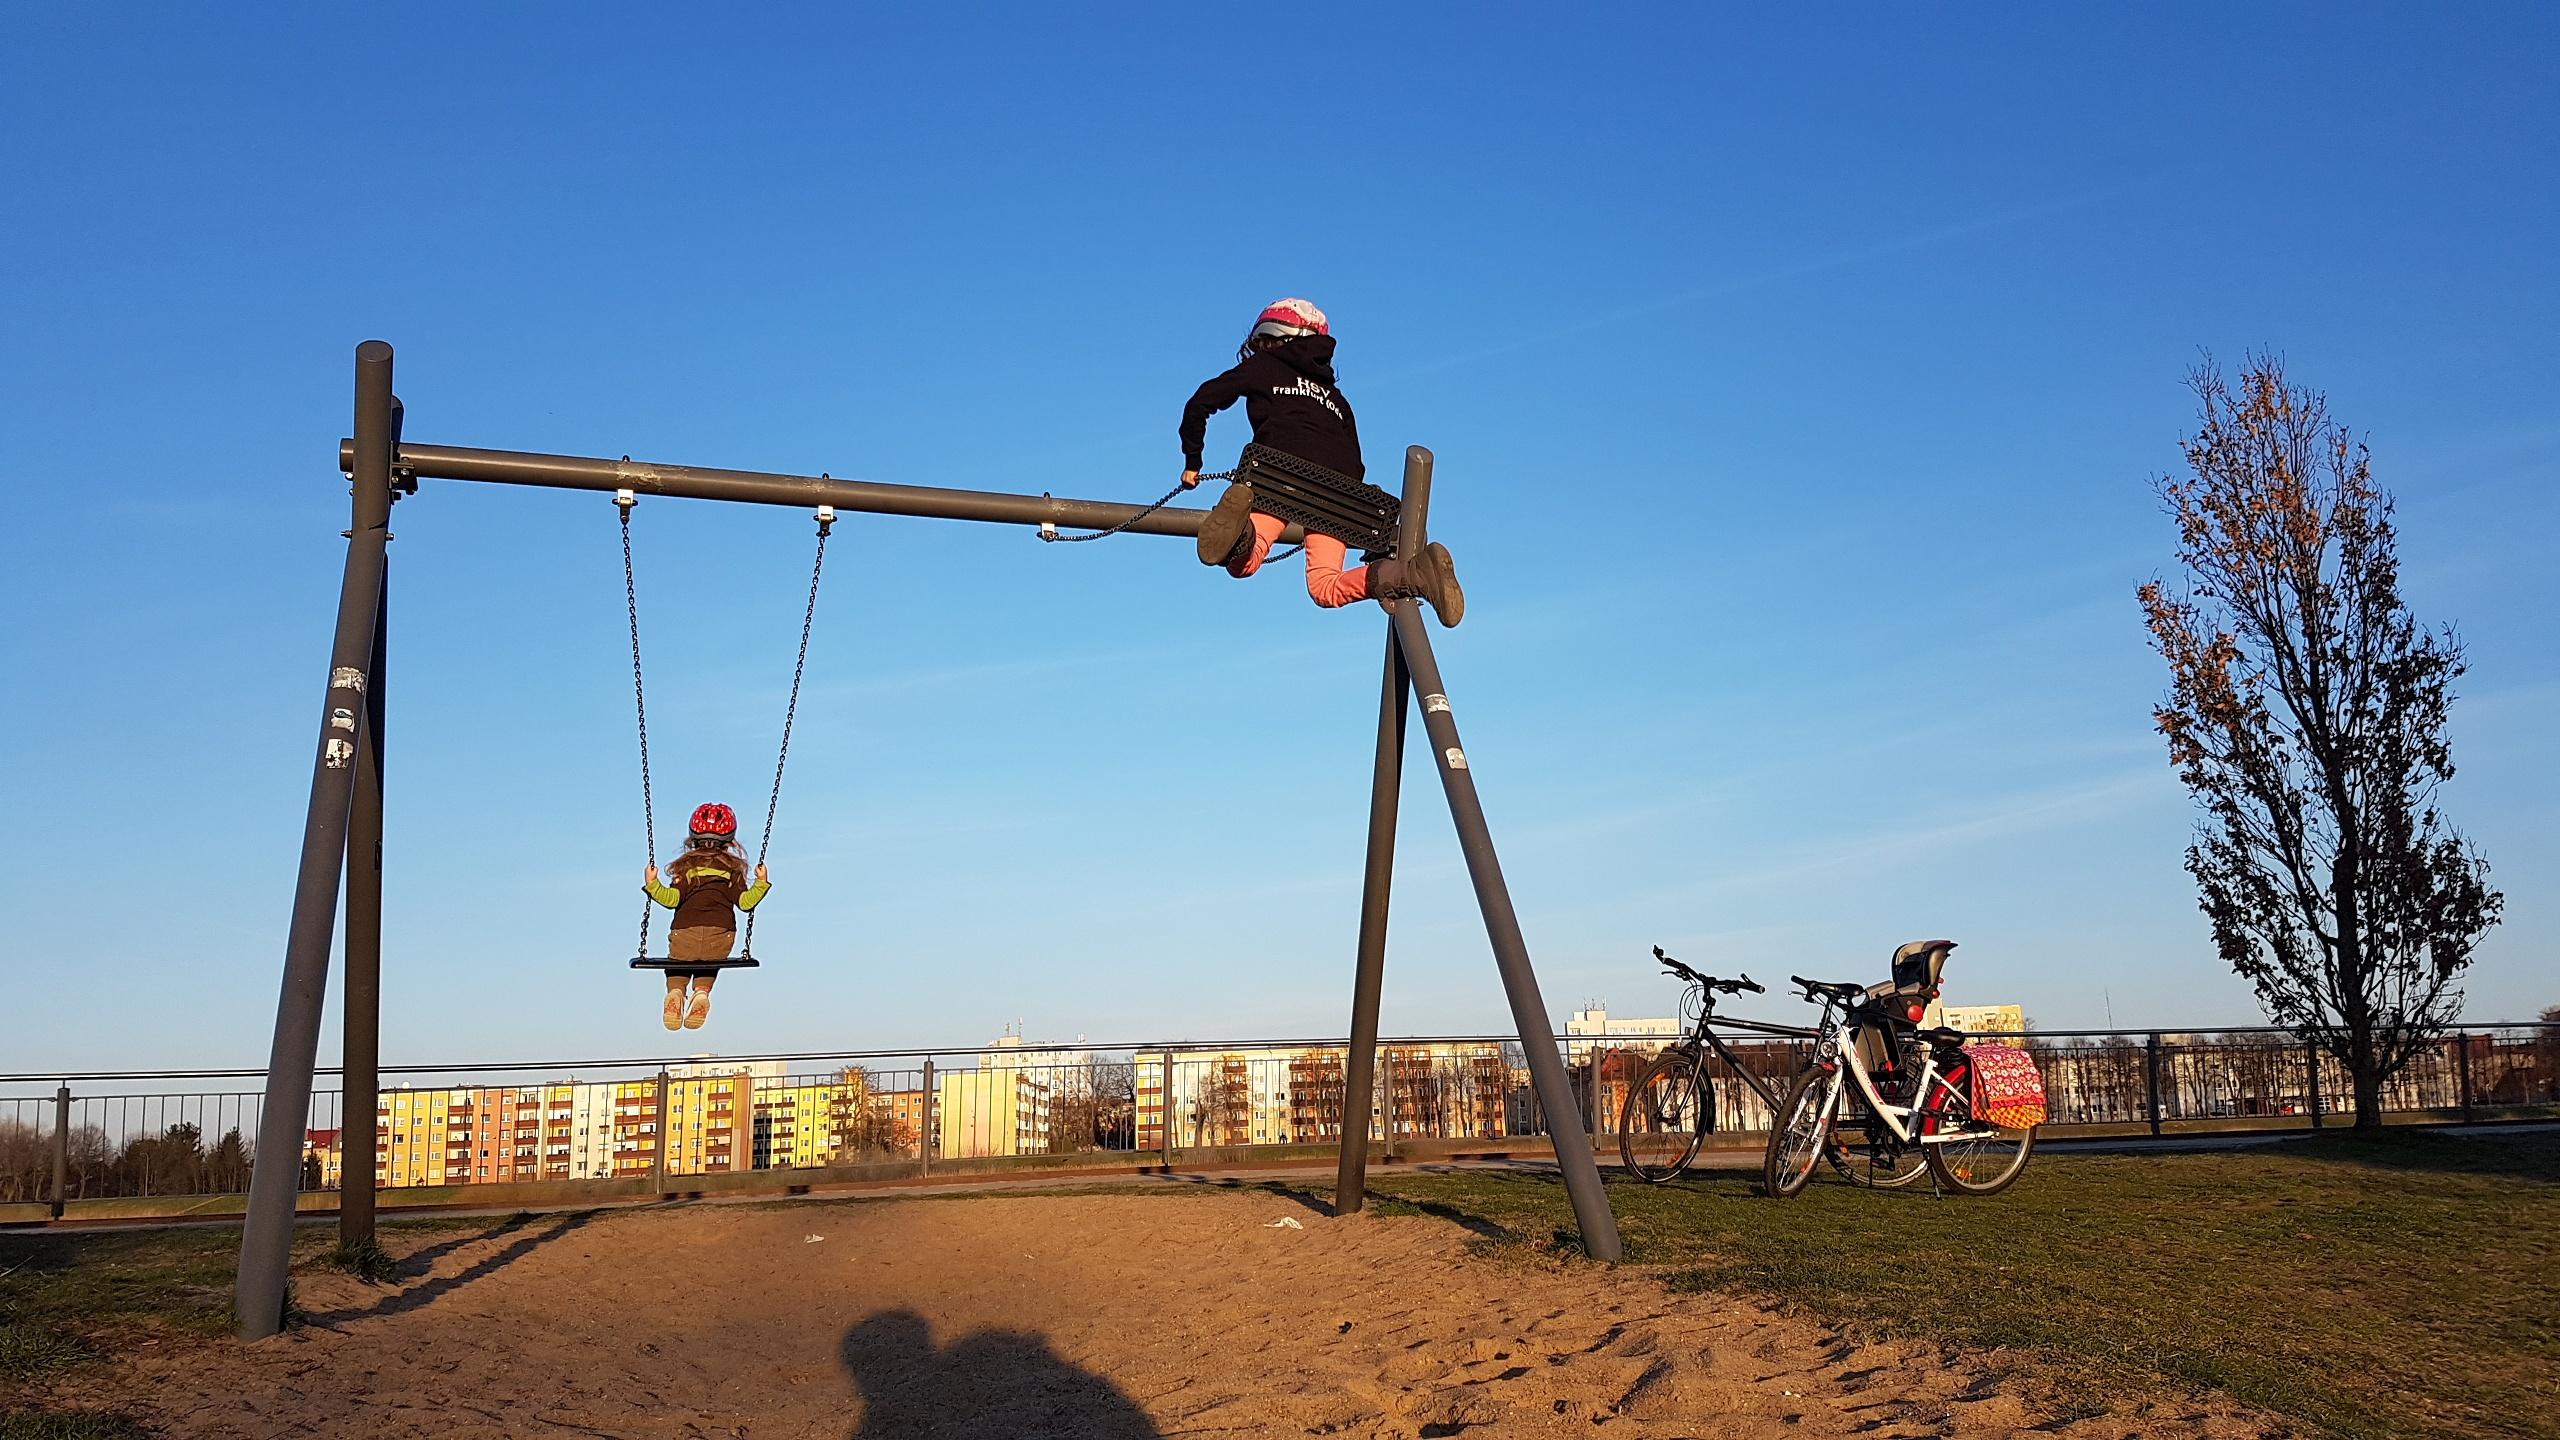 Lasst sie freie und starke Kinder werden! – kritikkultur.de